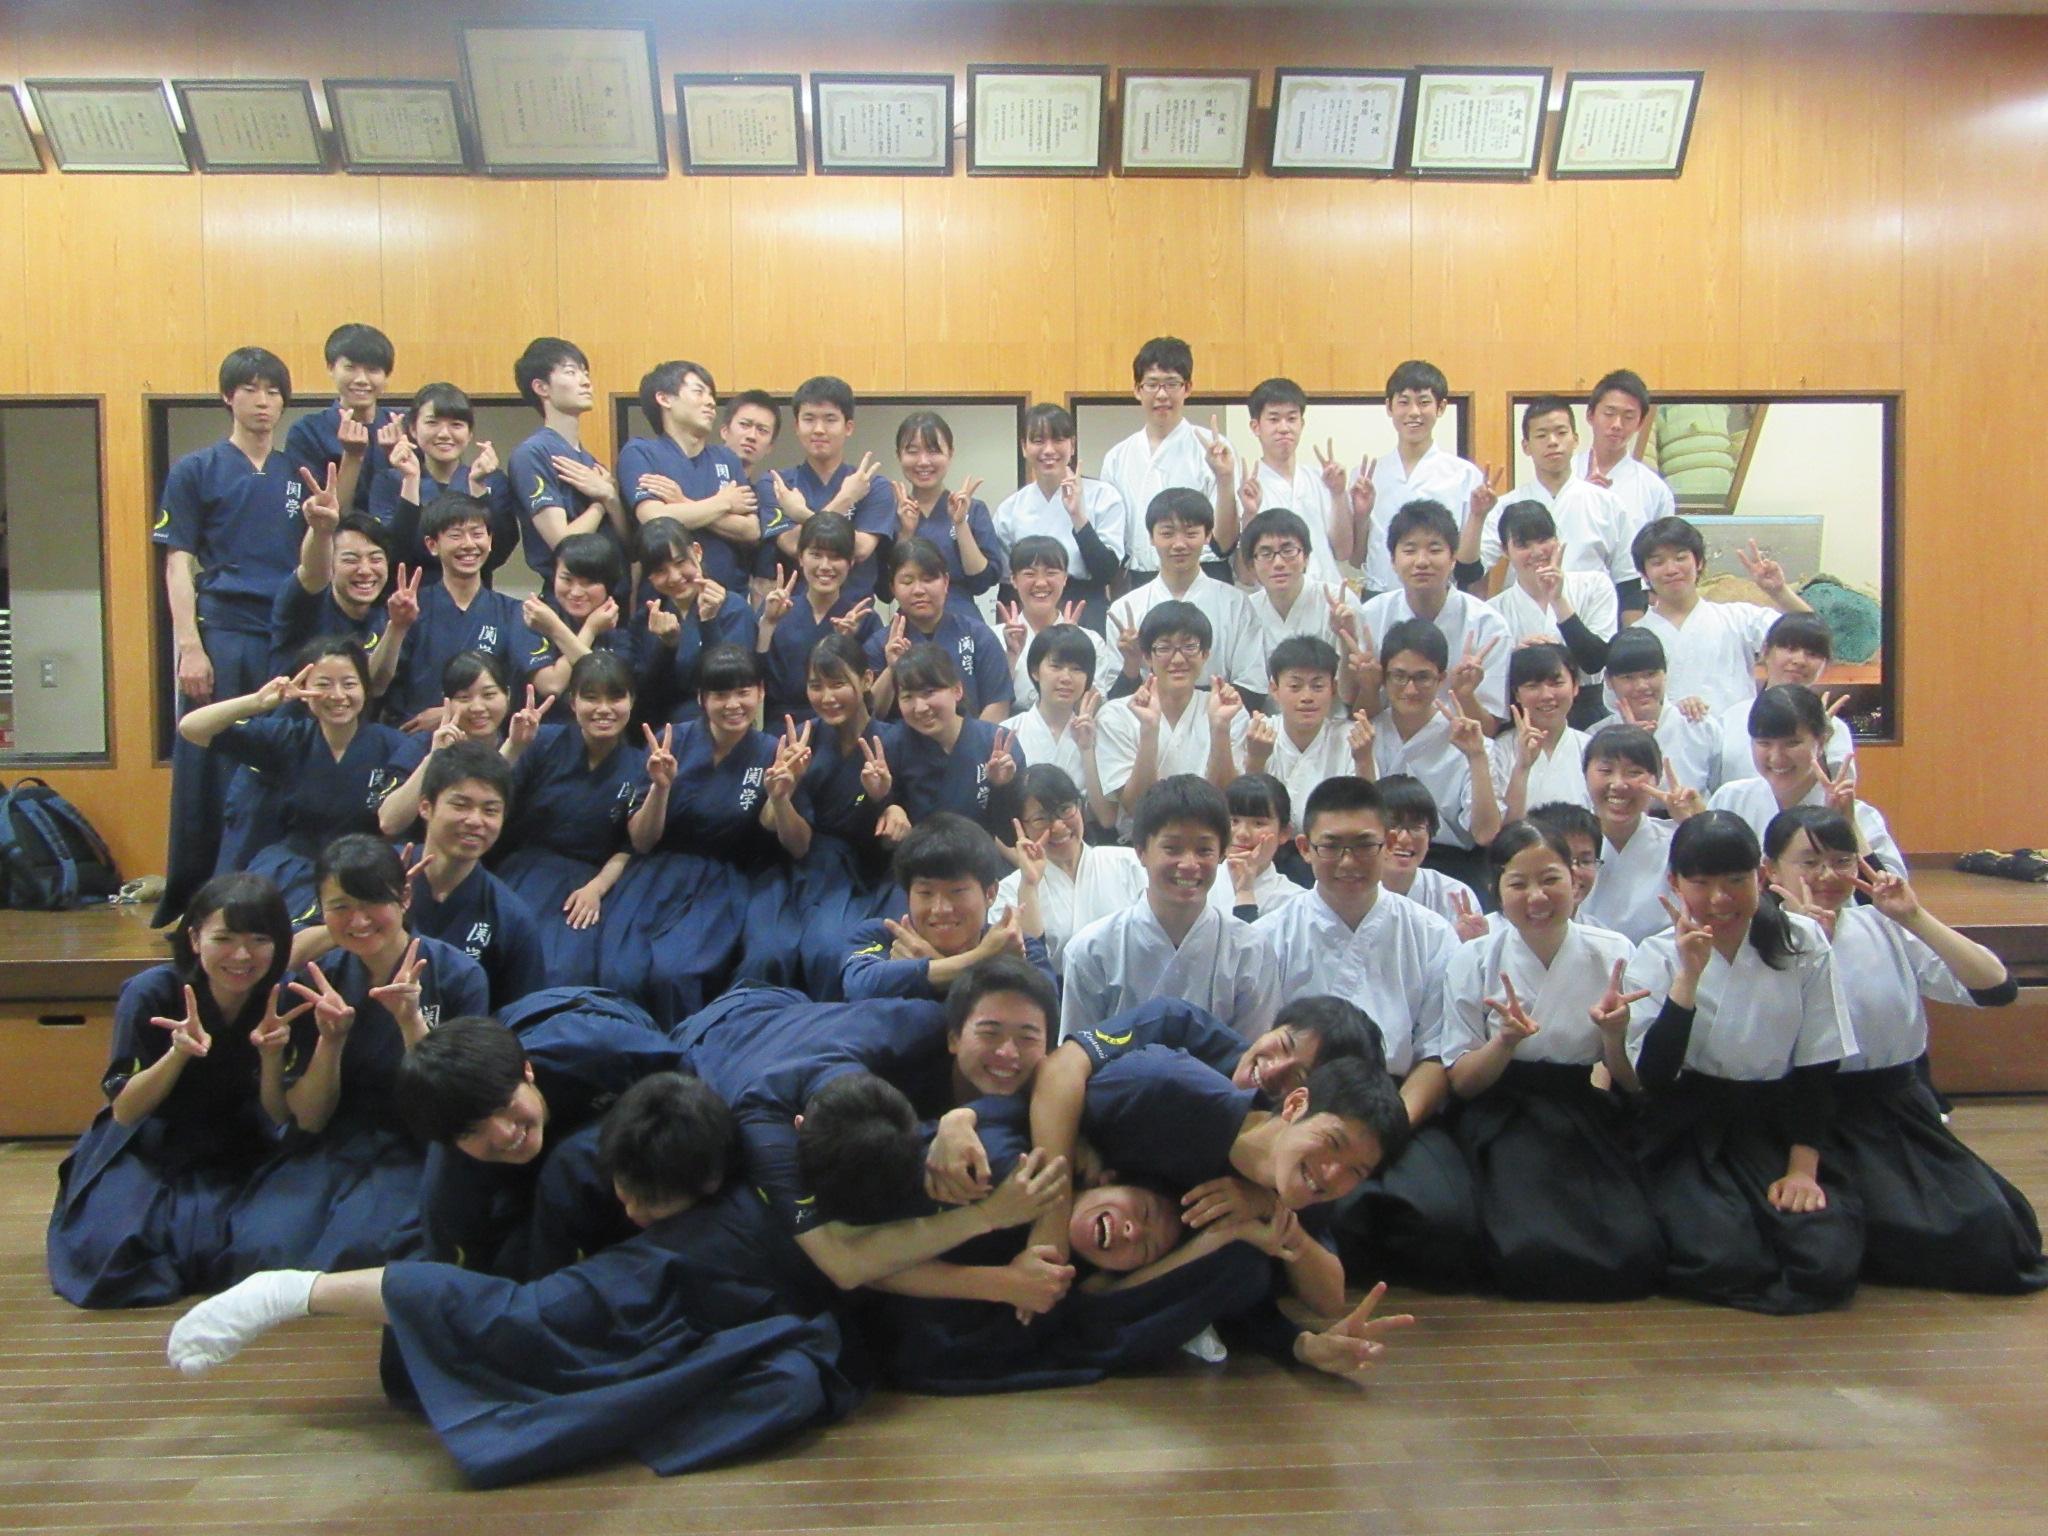 恒例の記念写真(はっちゃけ版) 高校生も大学生もお互いに成果のある1日でした